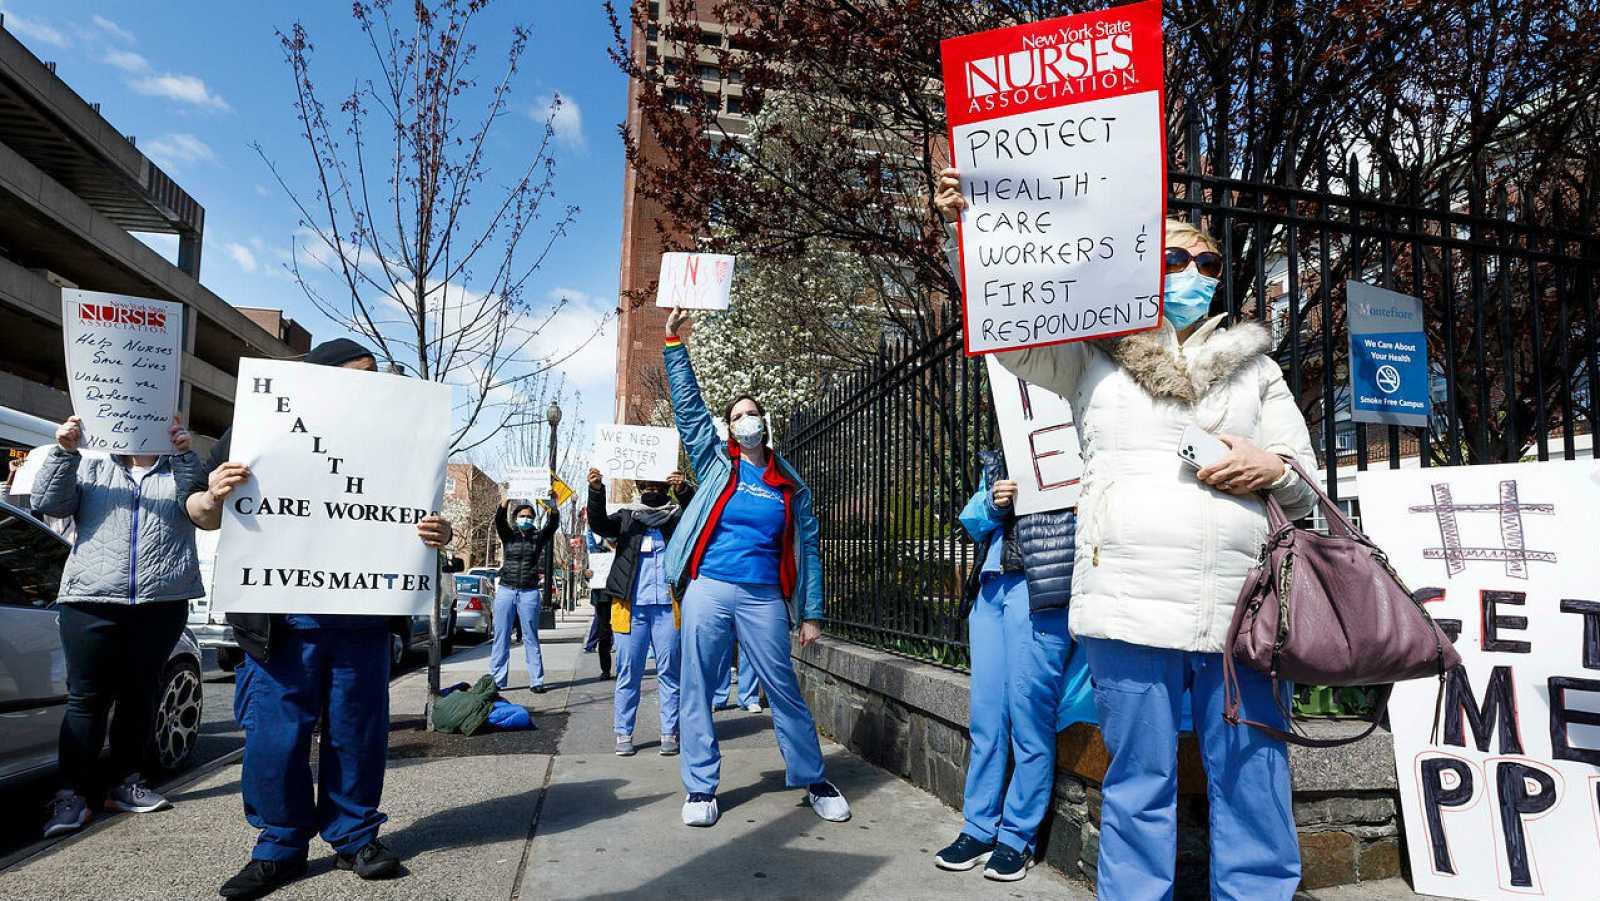 Un grupo de enfermeras protesta sobre la falta de equipo de protección personal y material sanitario fuera del hospital Montefiore en el Bronx, Nueva York.